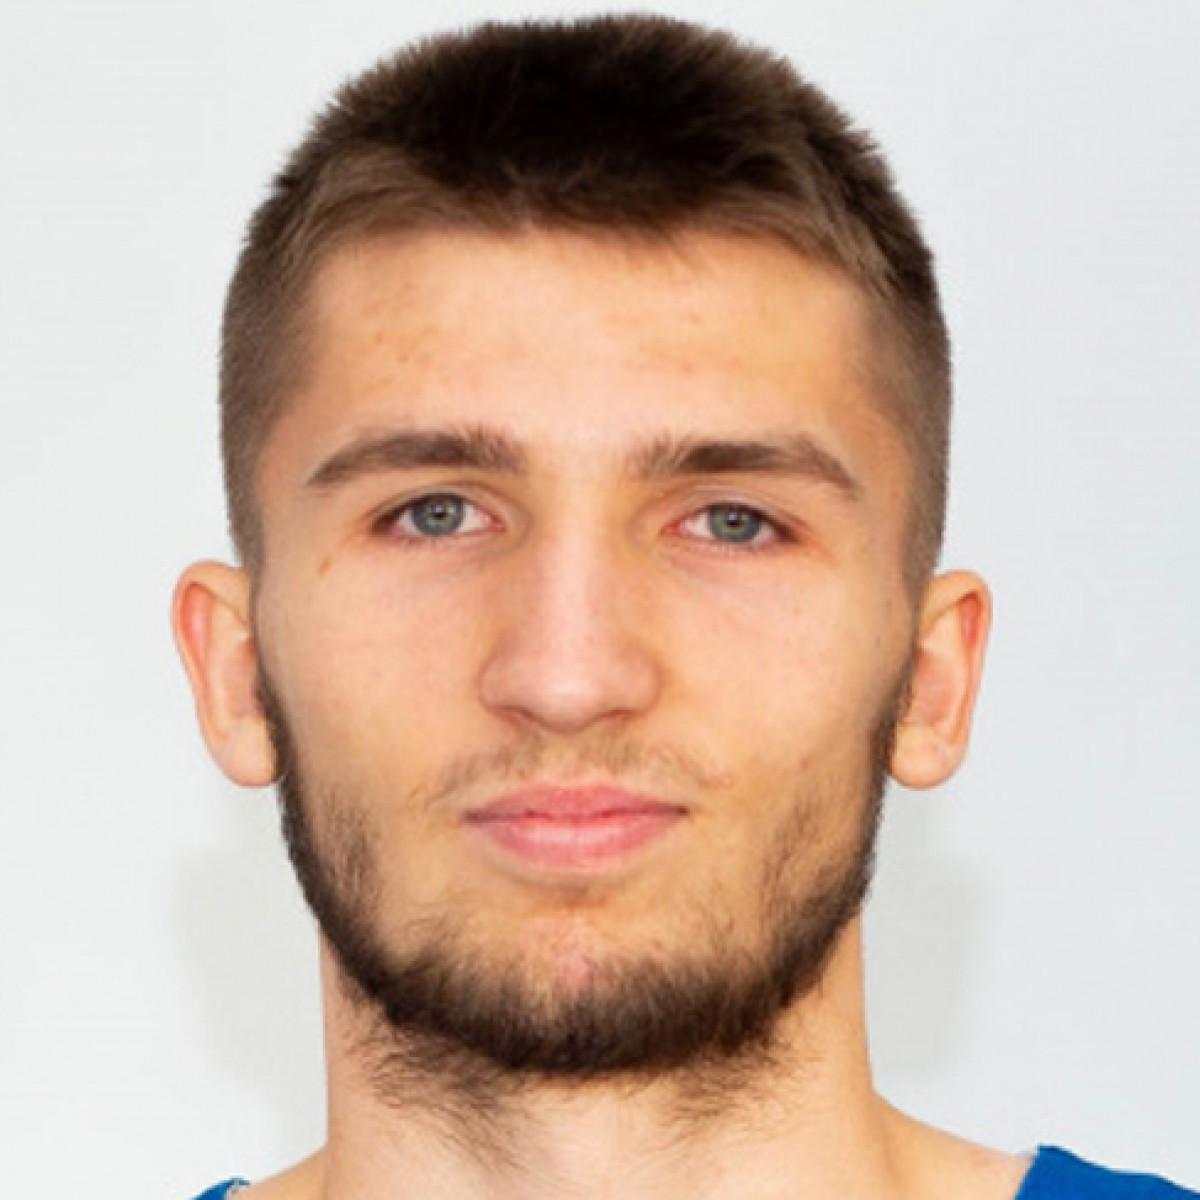 Adomas Sidarevicius